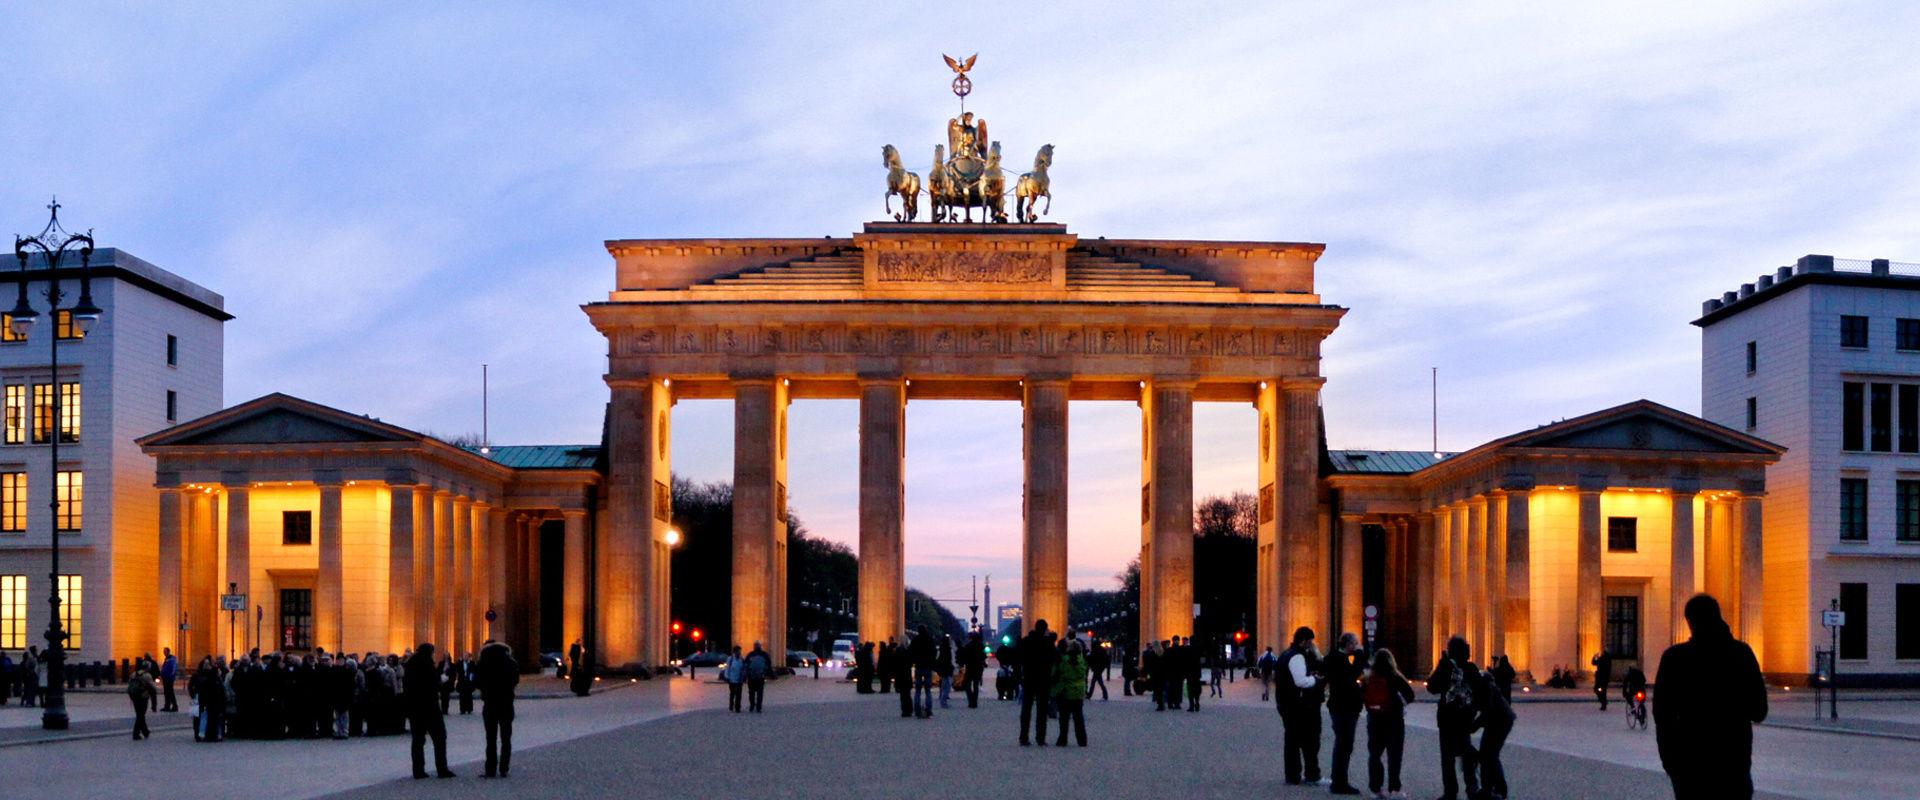 شرایط ثبت شرکت در کشور آلمان